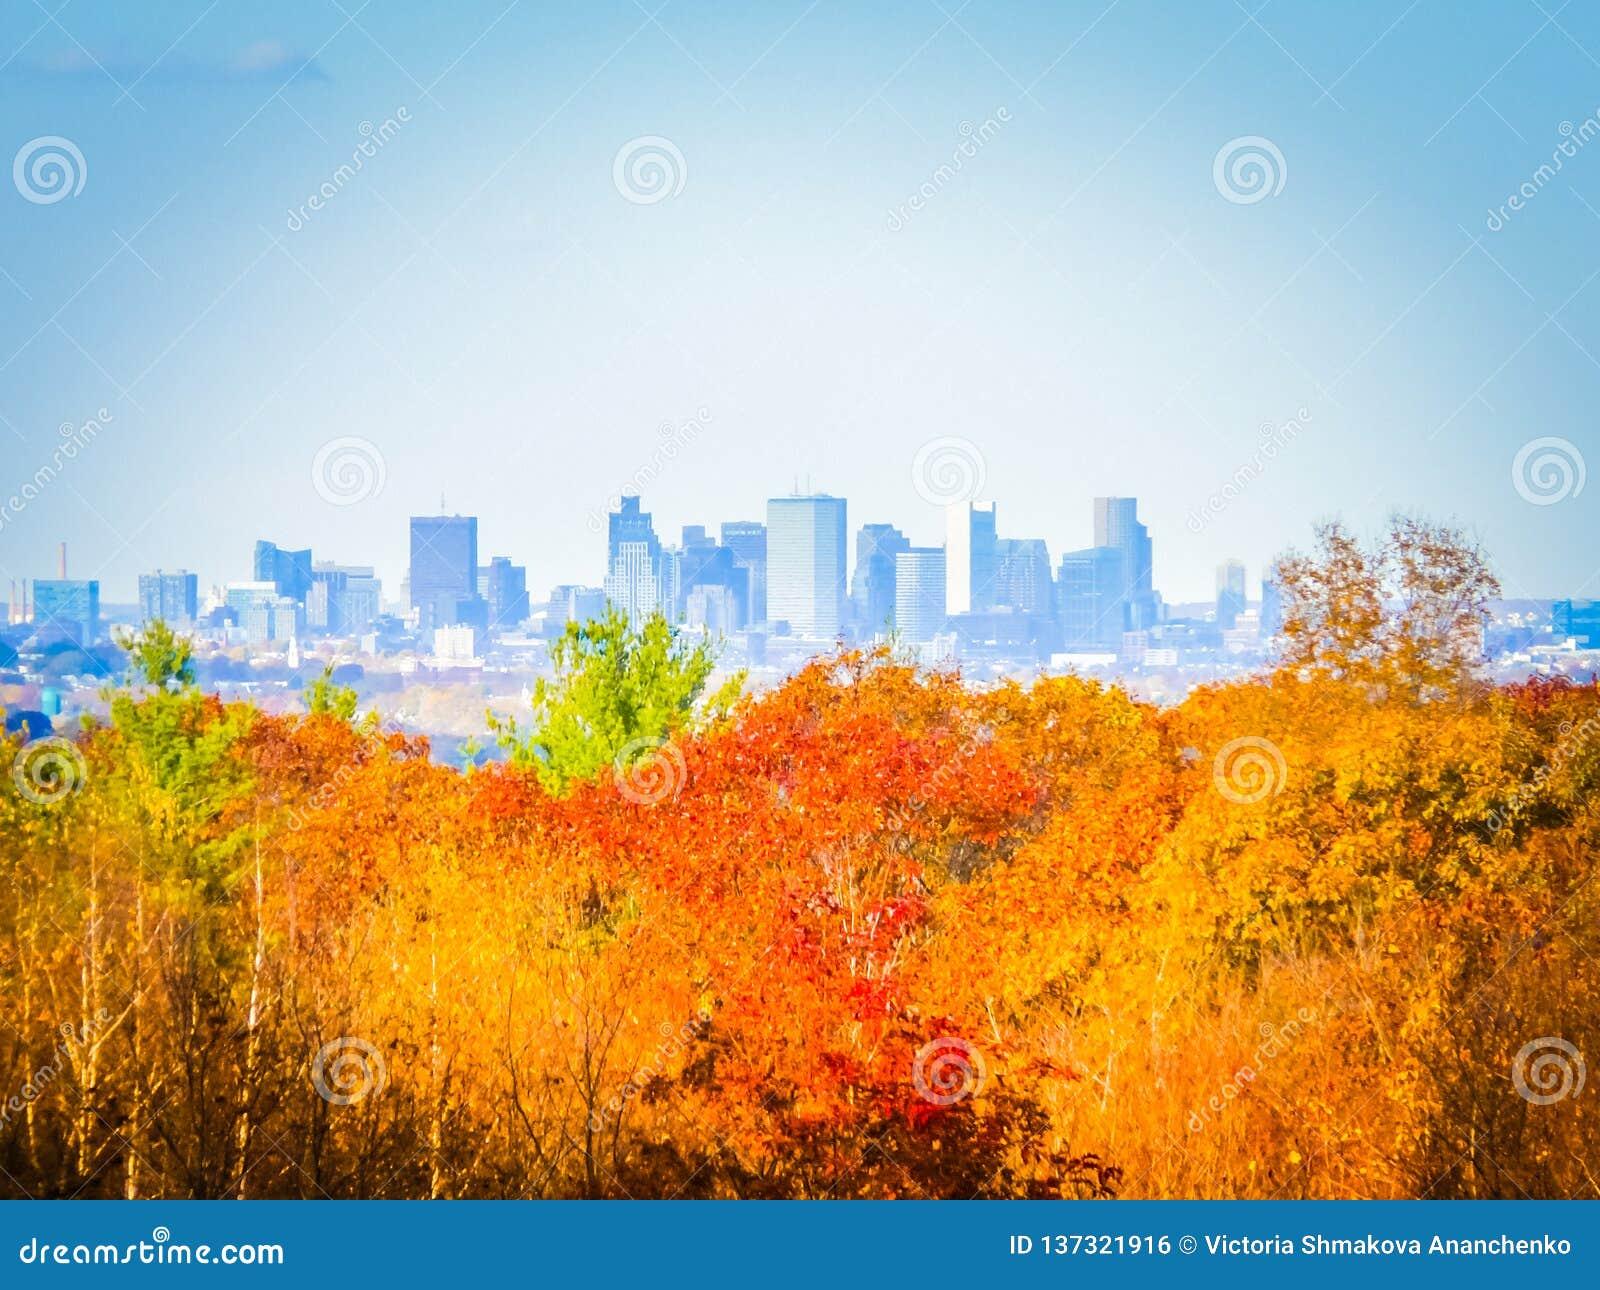 Fotografia da queda da skyline de Boston em um dia ensolarado